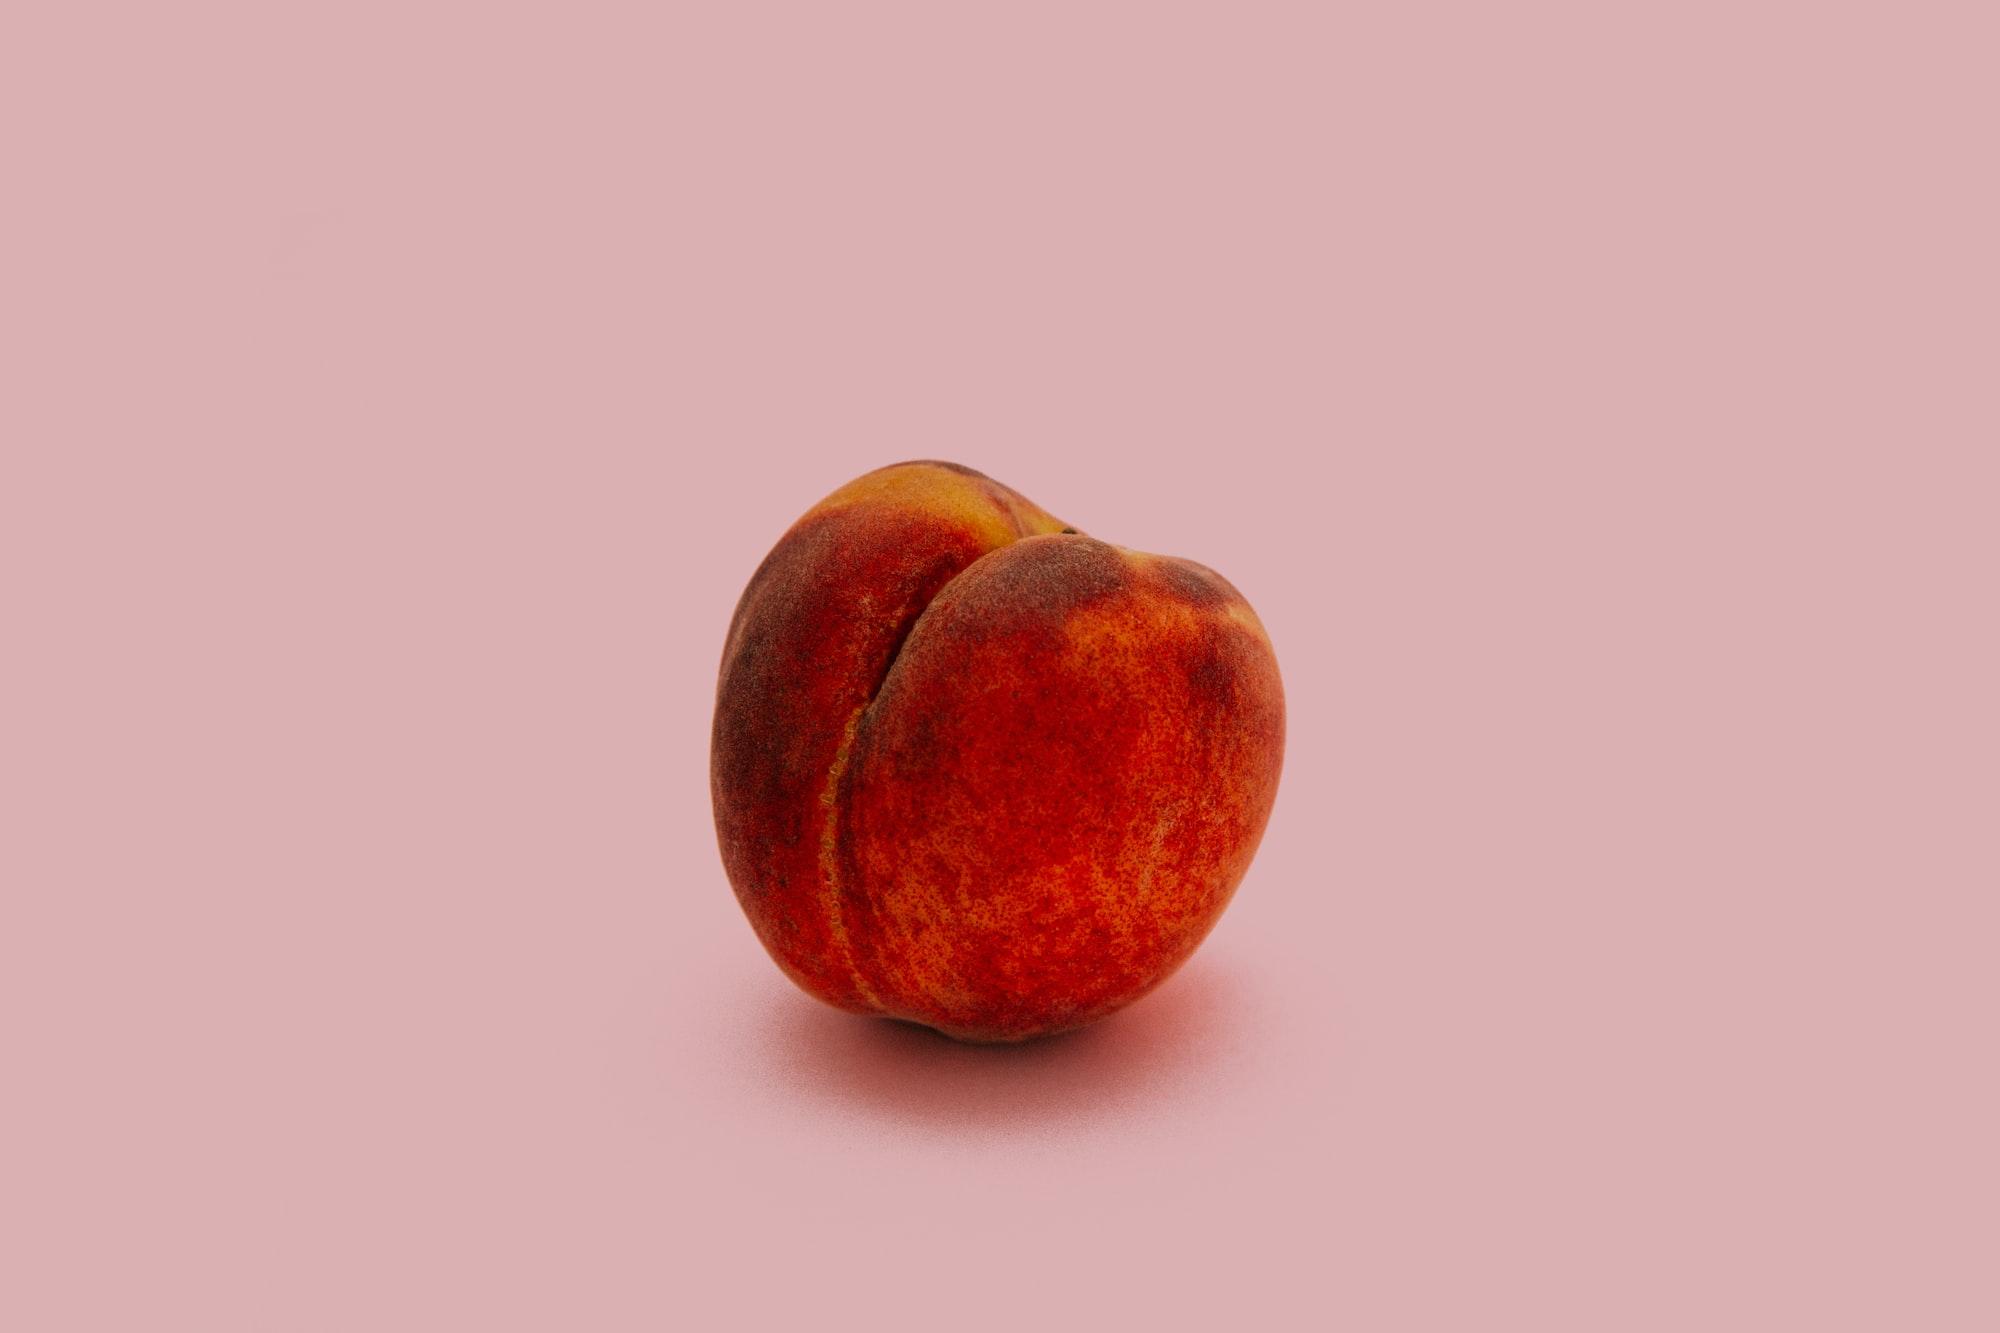 Tüysüz Şeftali De Denilen Bir Meyve Bulmaca Anlamı Nedir?